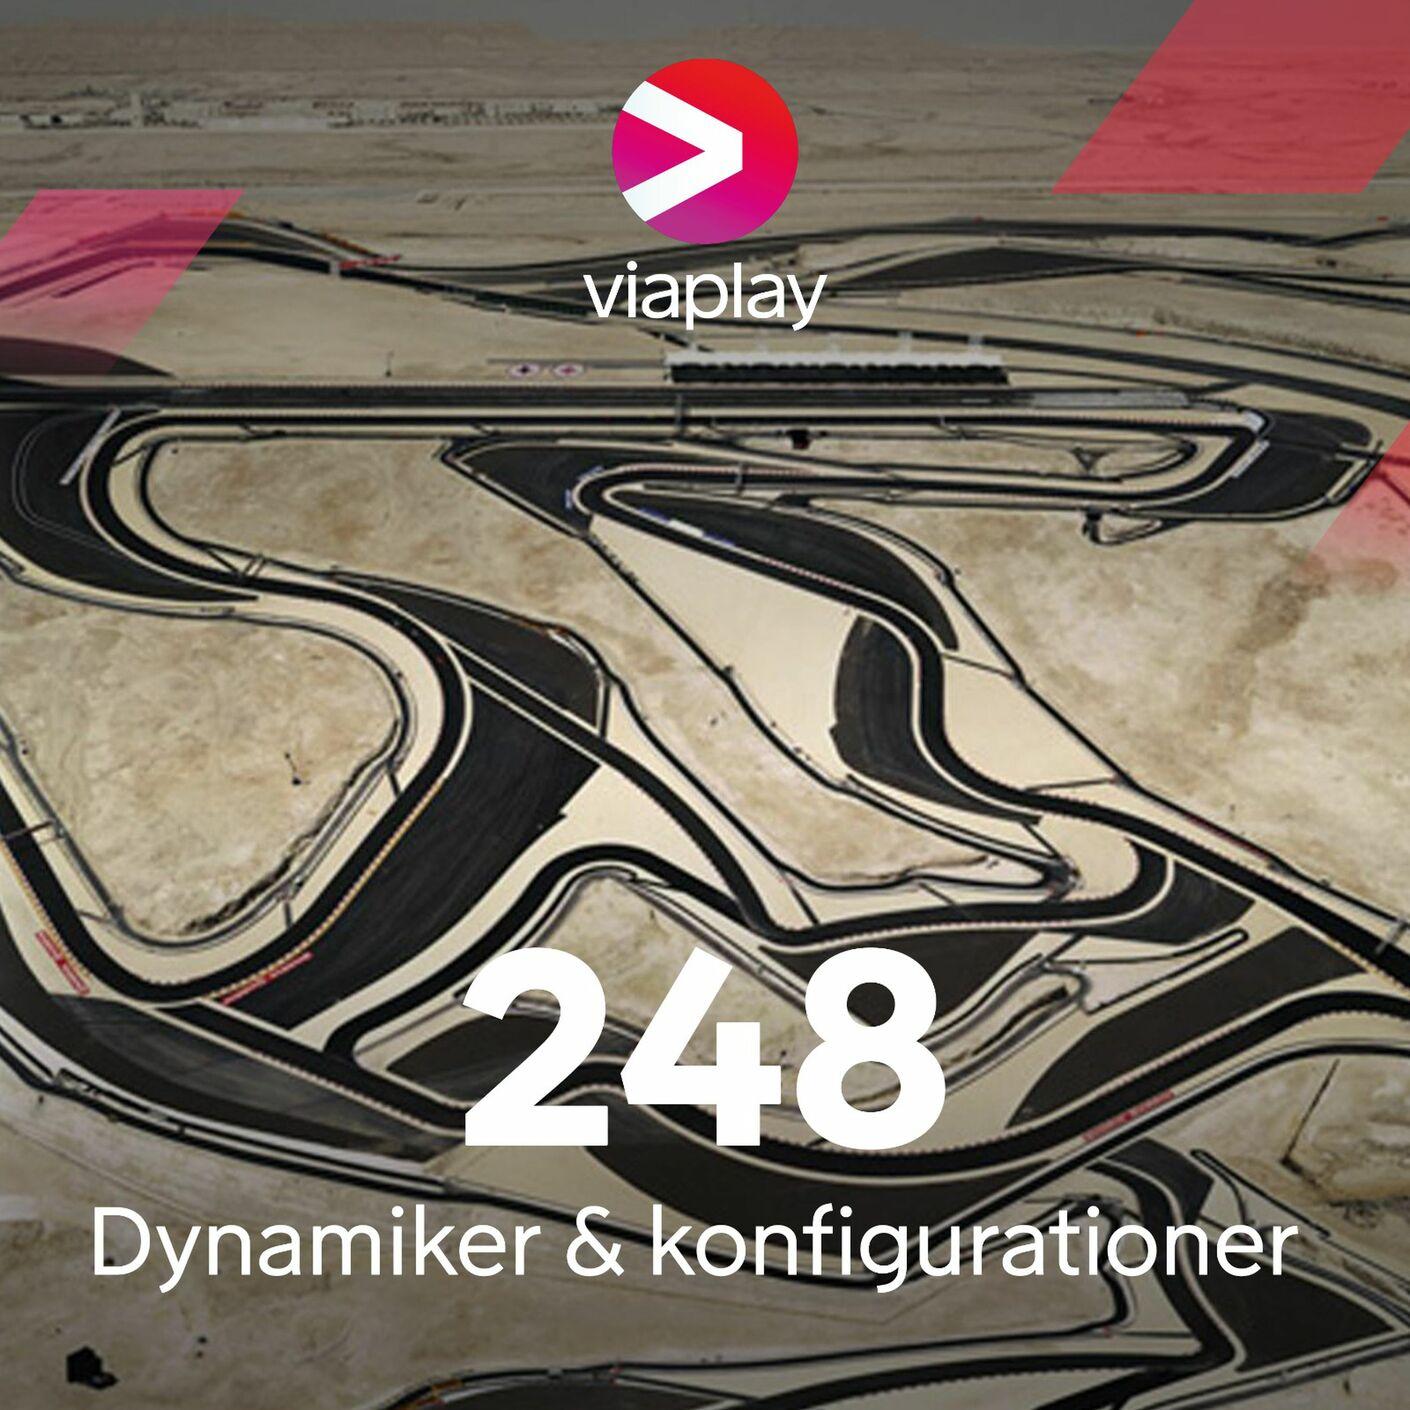 248. Dynamiker och konfigurationer